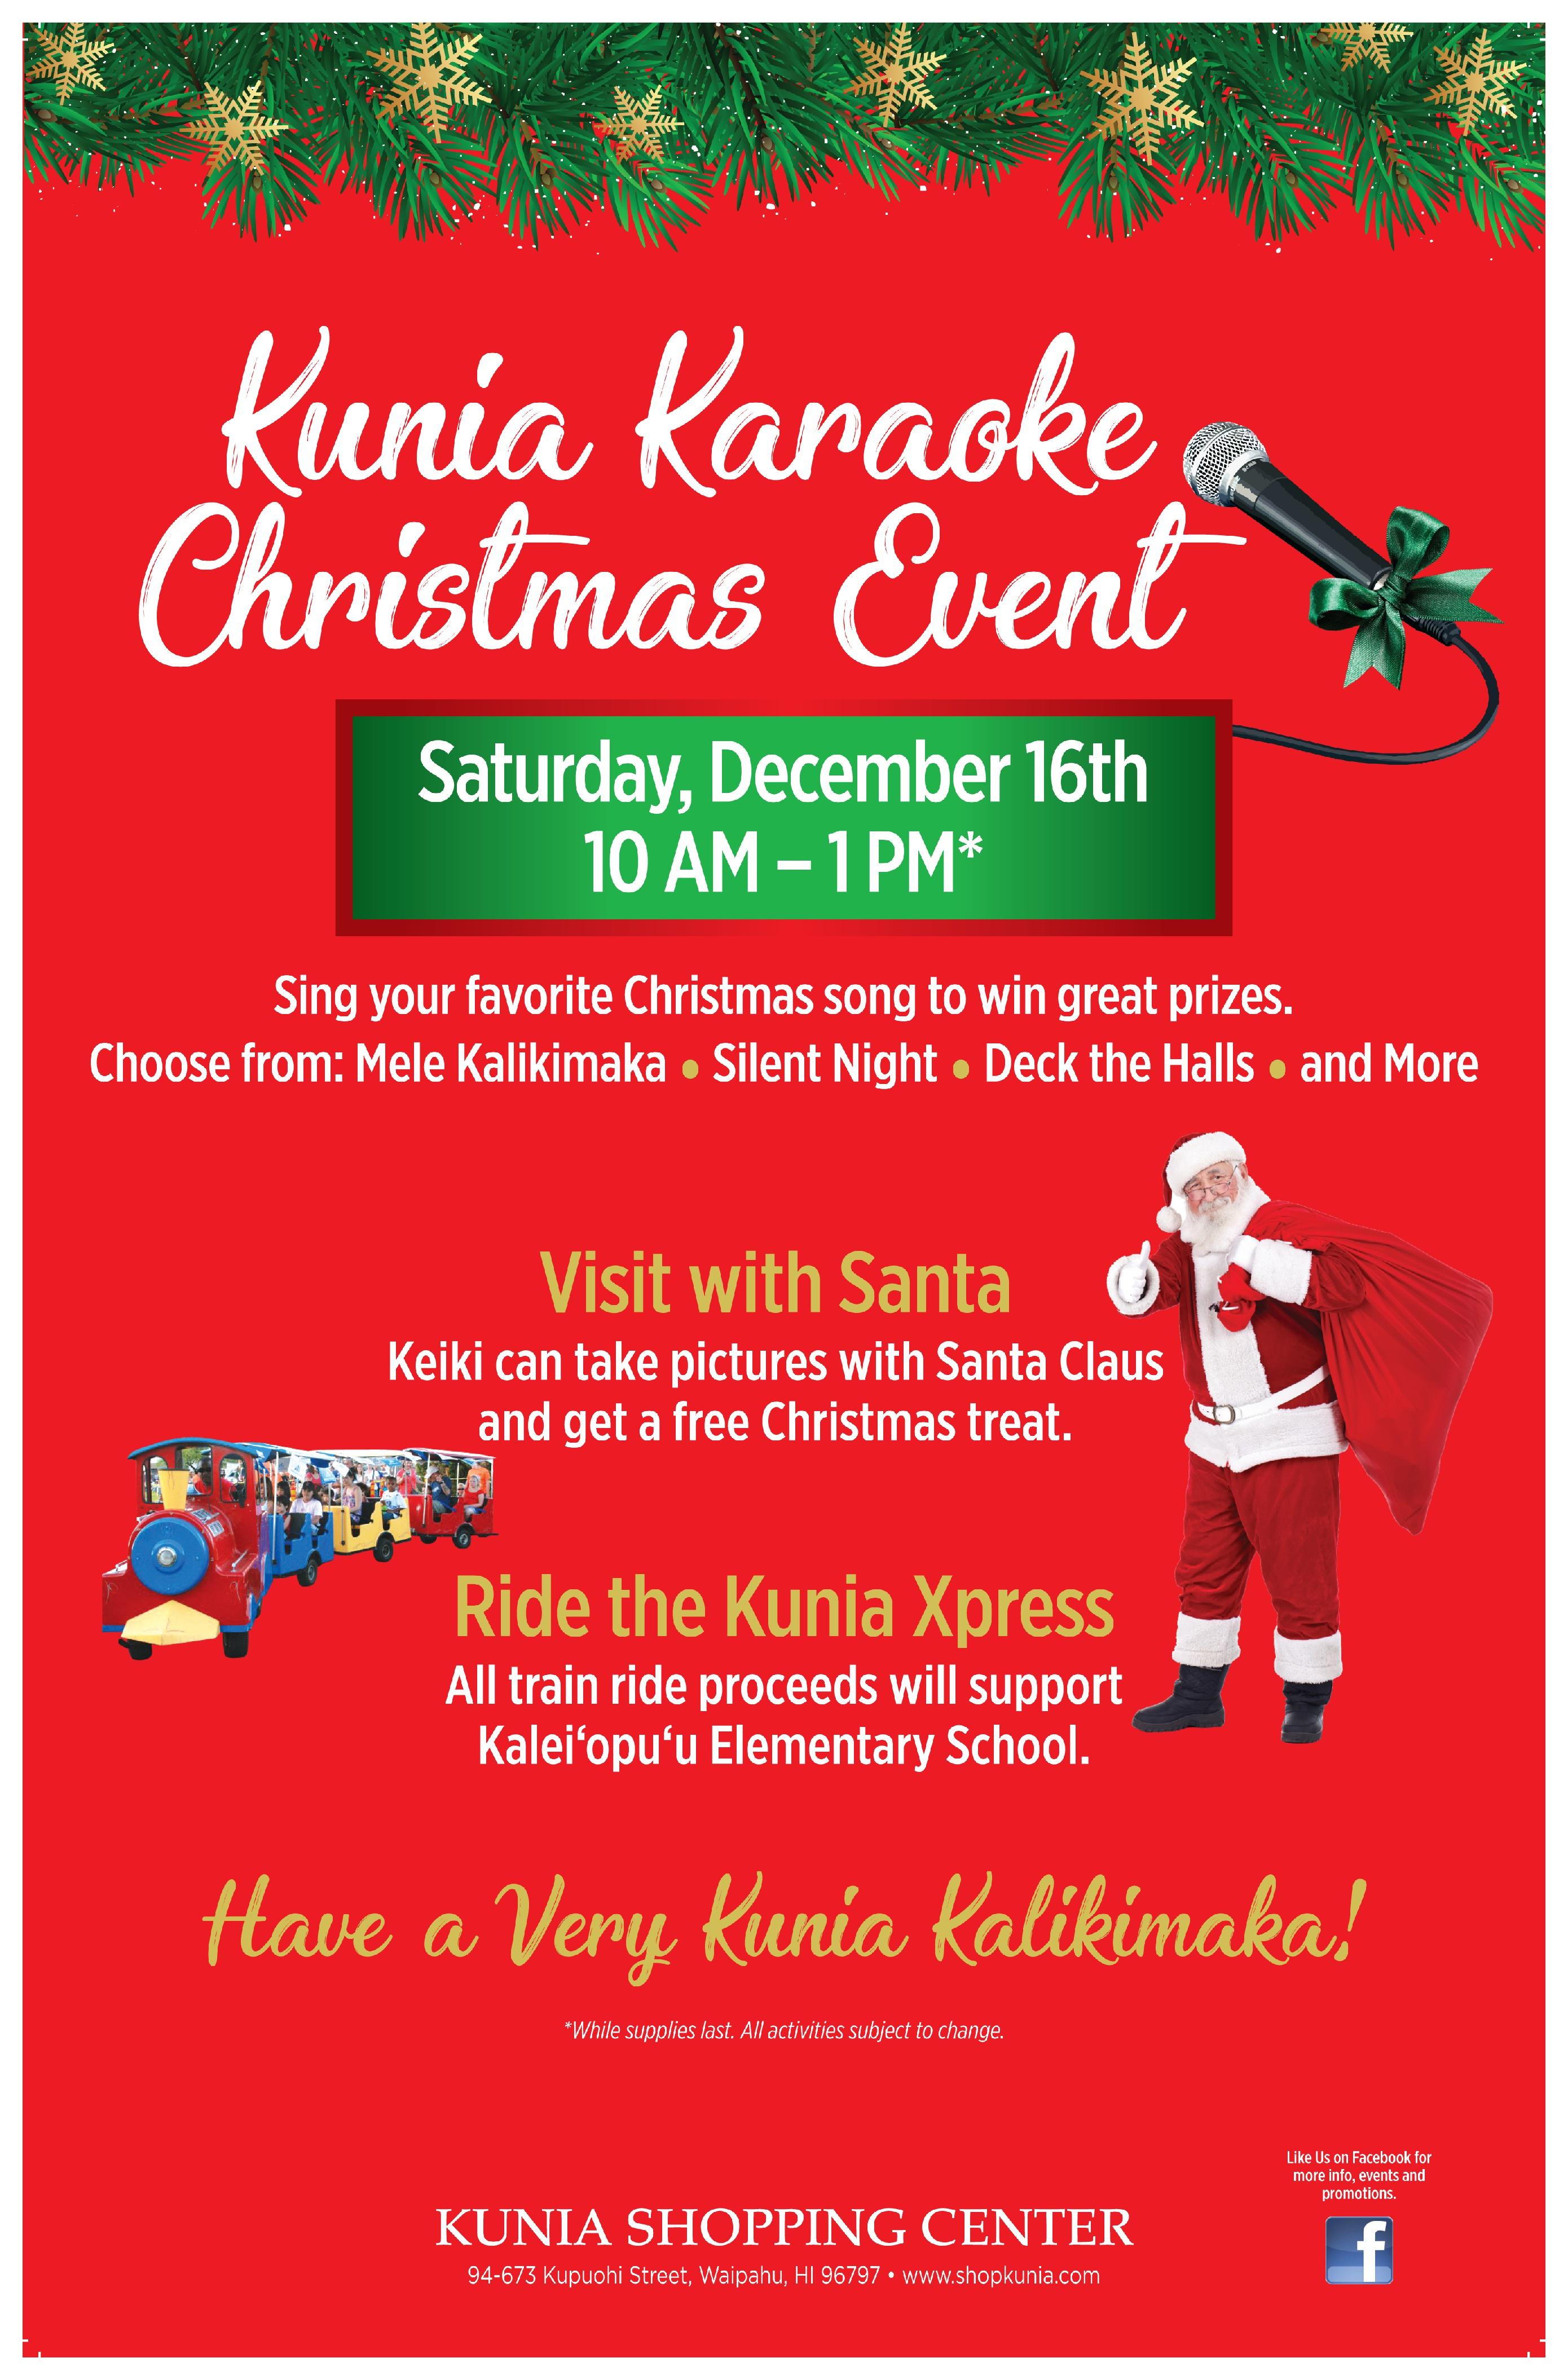 Kunia Karaoke Christmas Event Kine Hawaiian 105 Kine